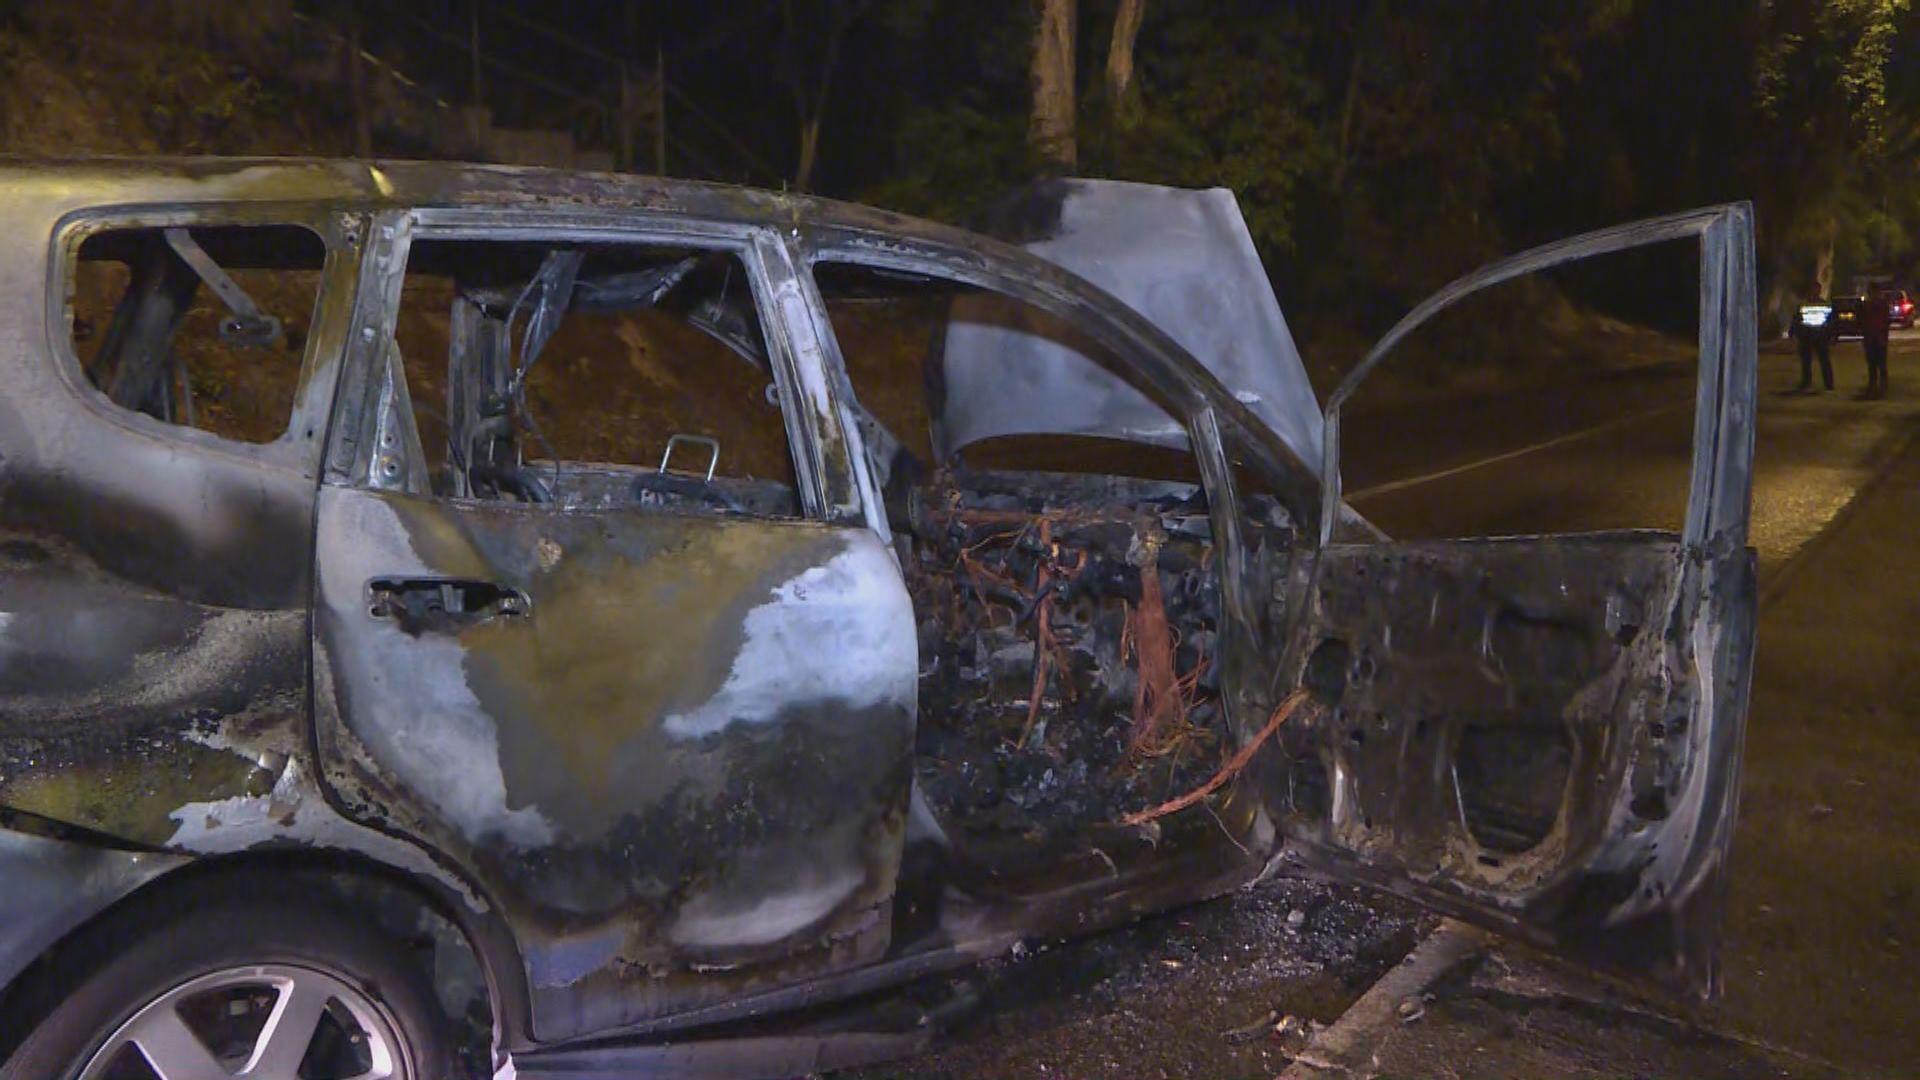 私家車失控撞樹後焚毀 司機及乘客受傷